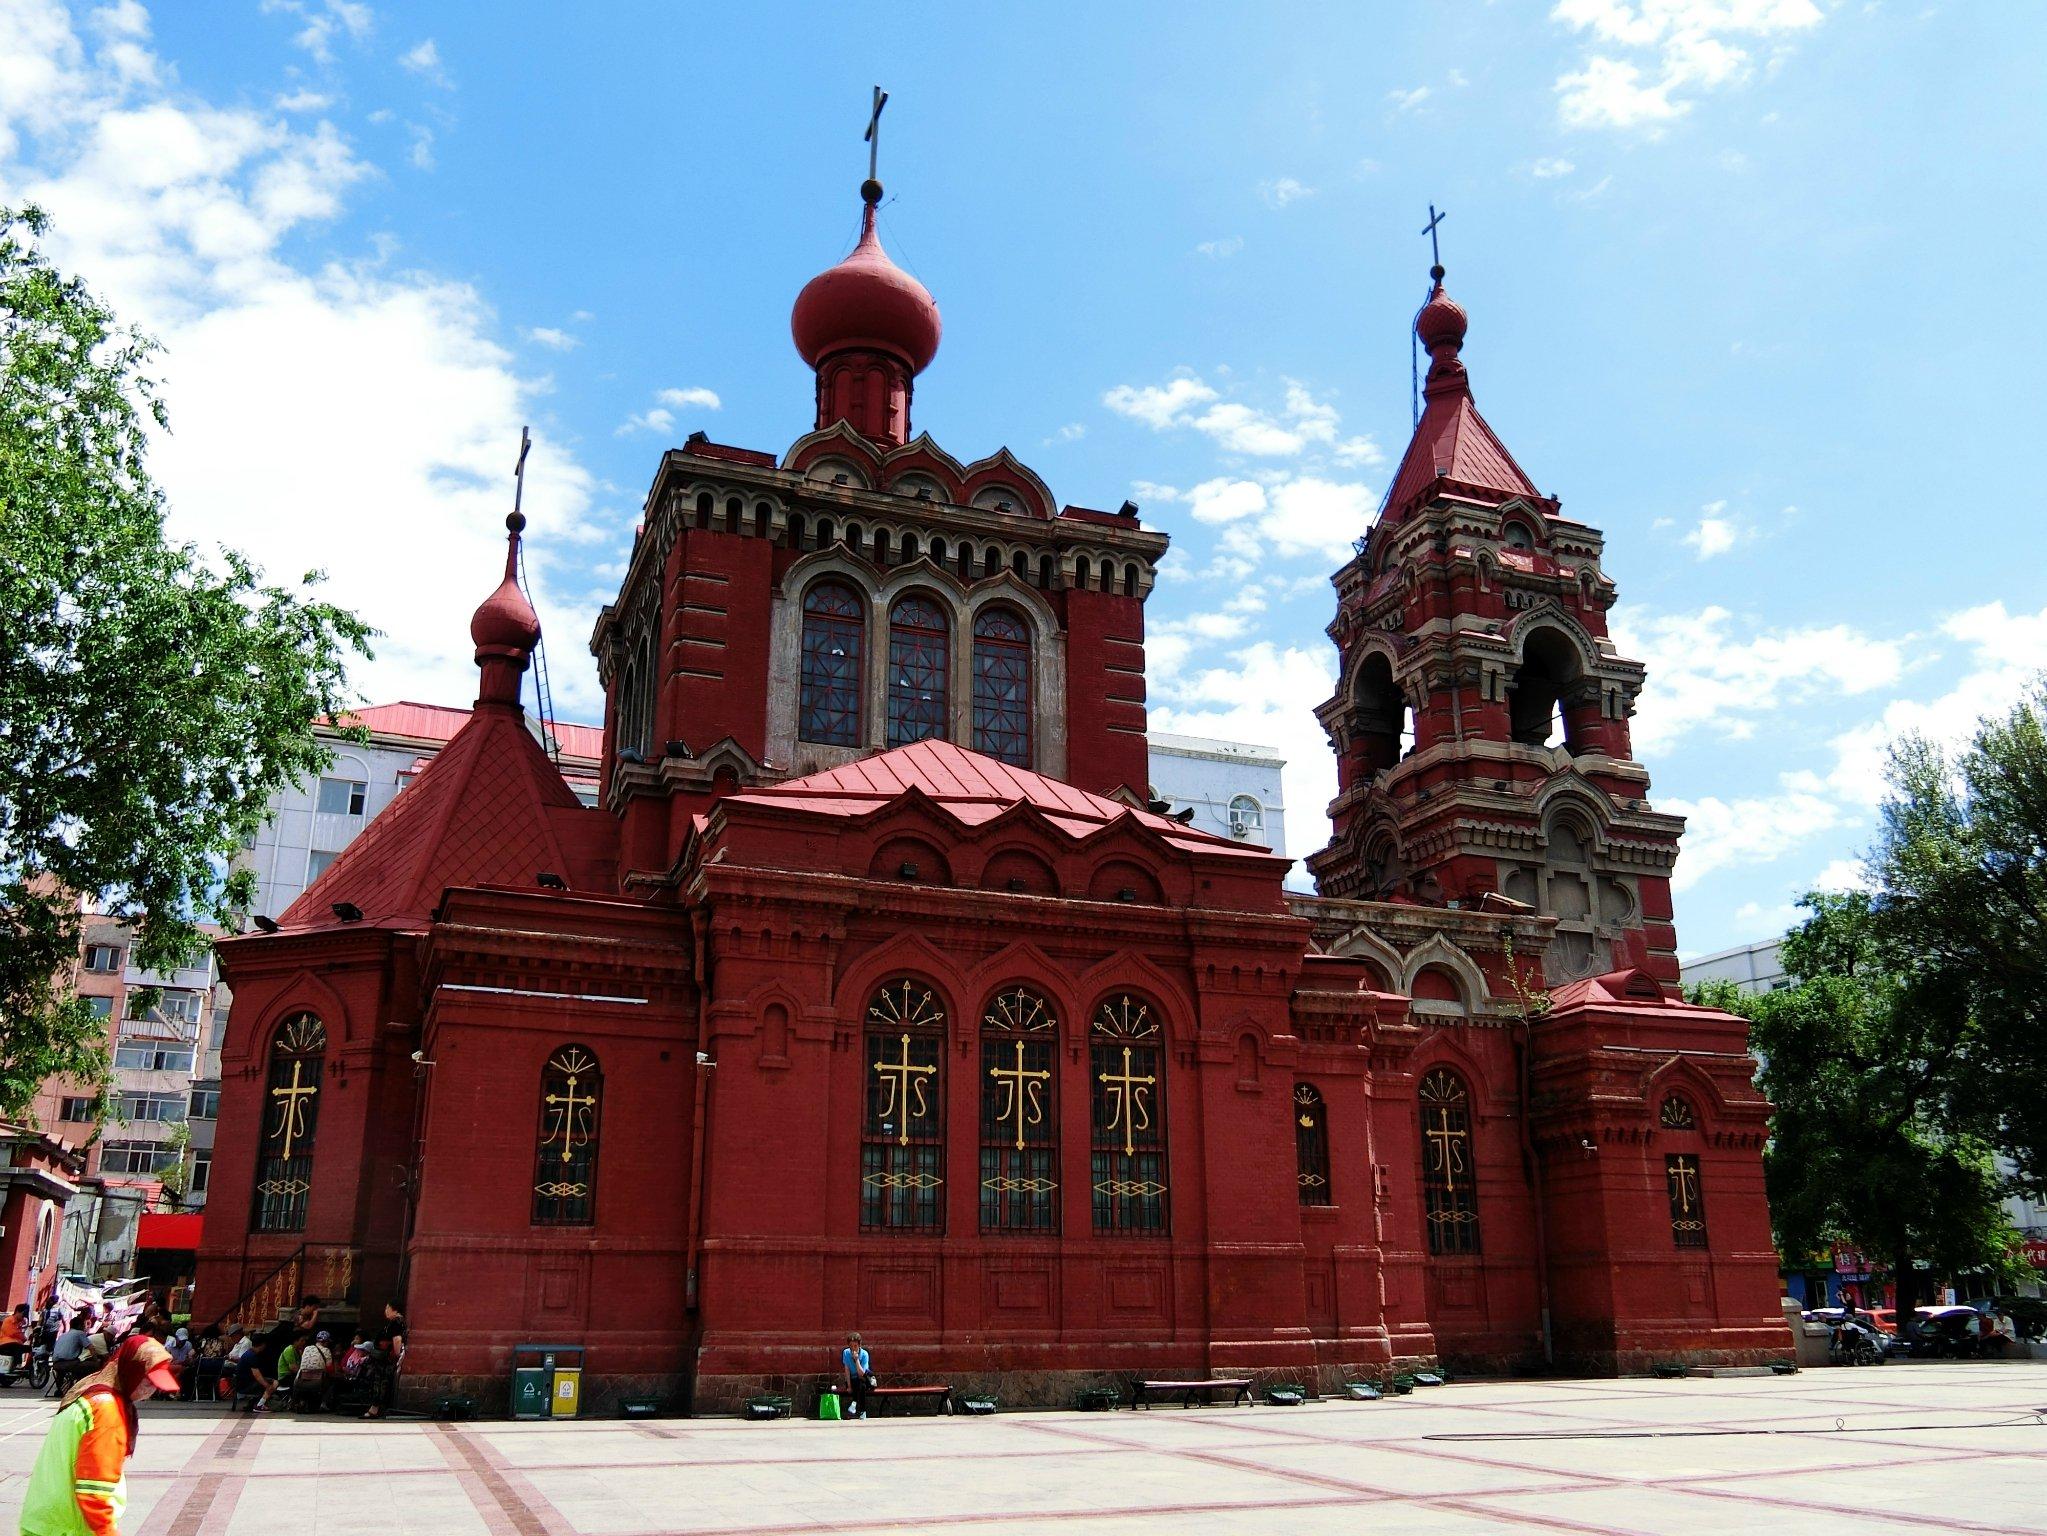 圣·阿列克谢耶夫教堂原为设在公主岭的随军教堂,日俄战后迁哈尔滨,几